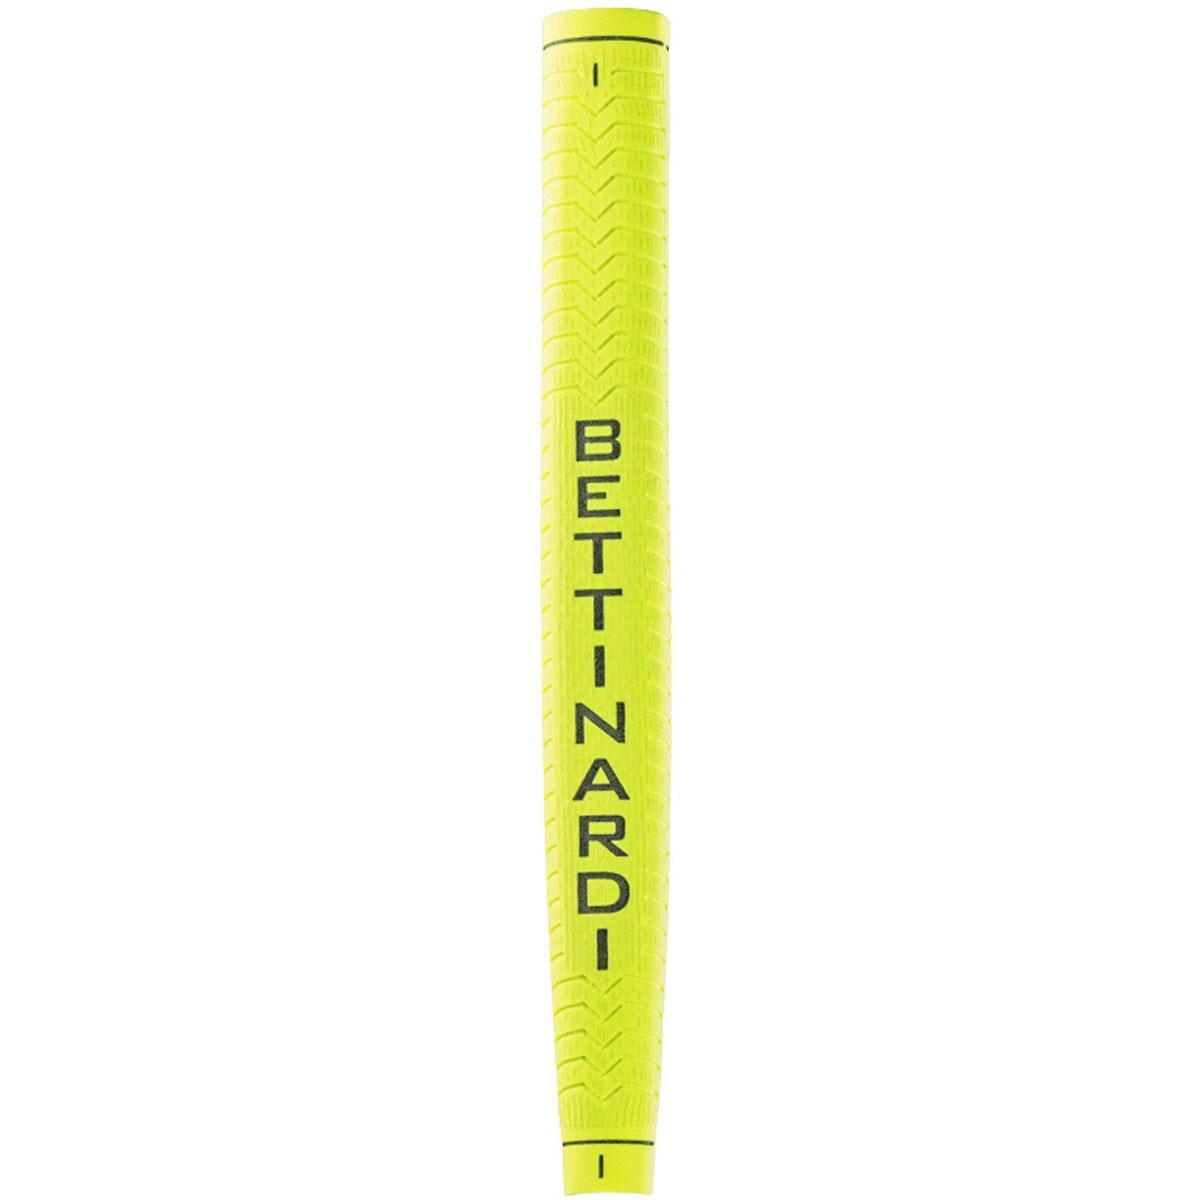 ベティナルディ(BETTINARDI) ラムキン ジャンボコード グリップ パター用